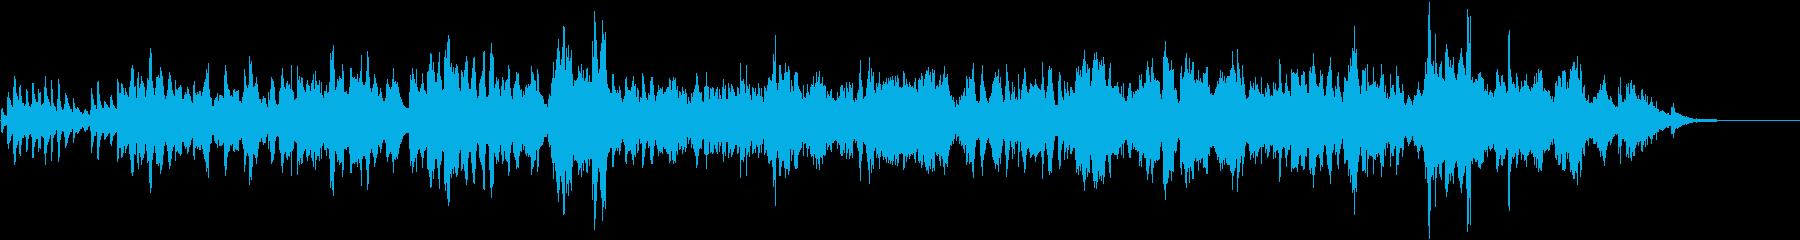 バイオリンとピアノの優しいワルツ生演奏の再生済みの波形